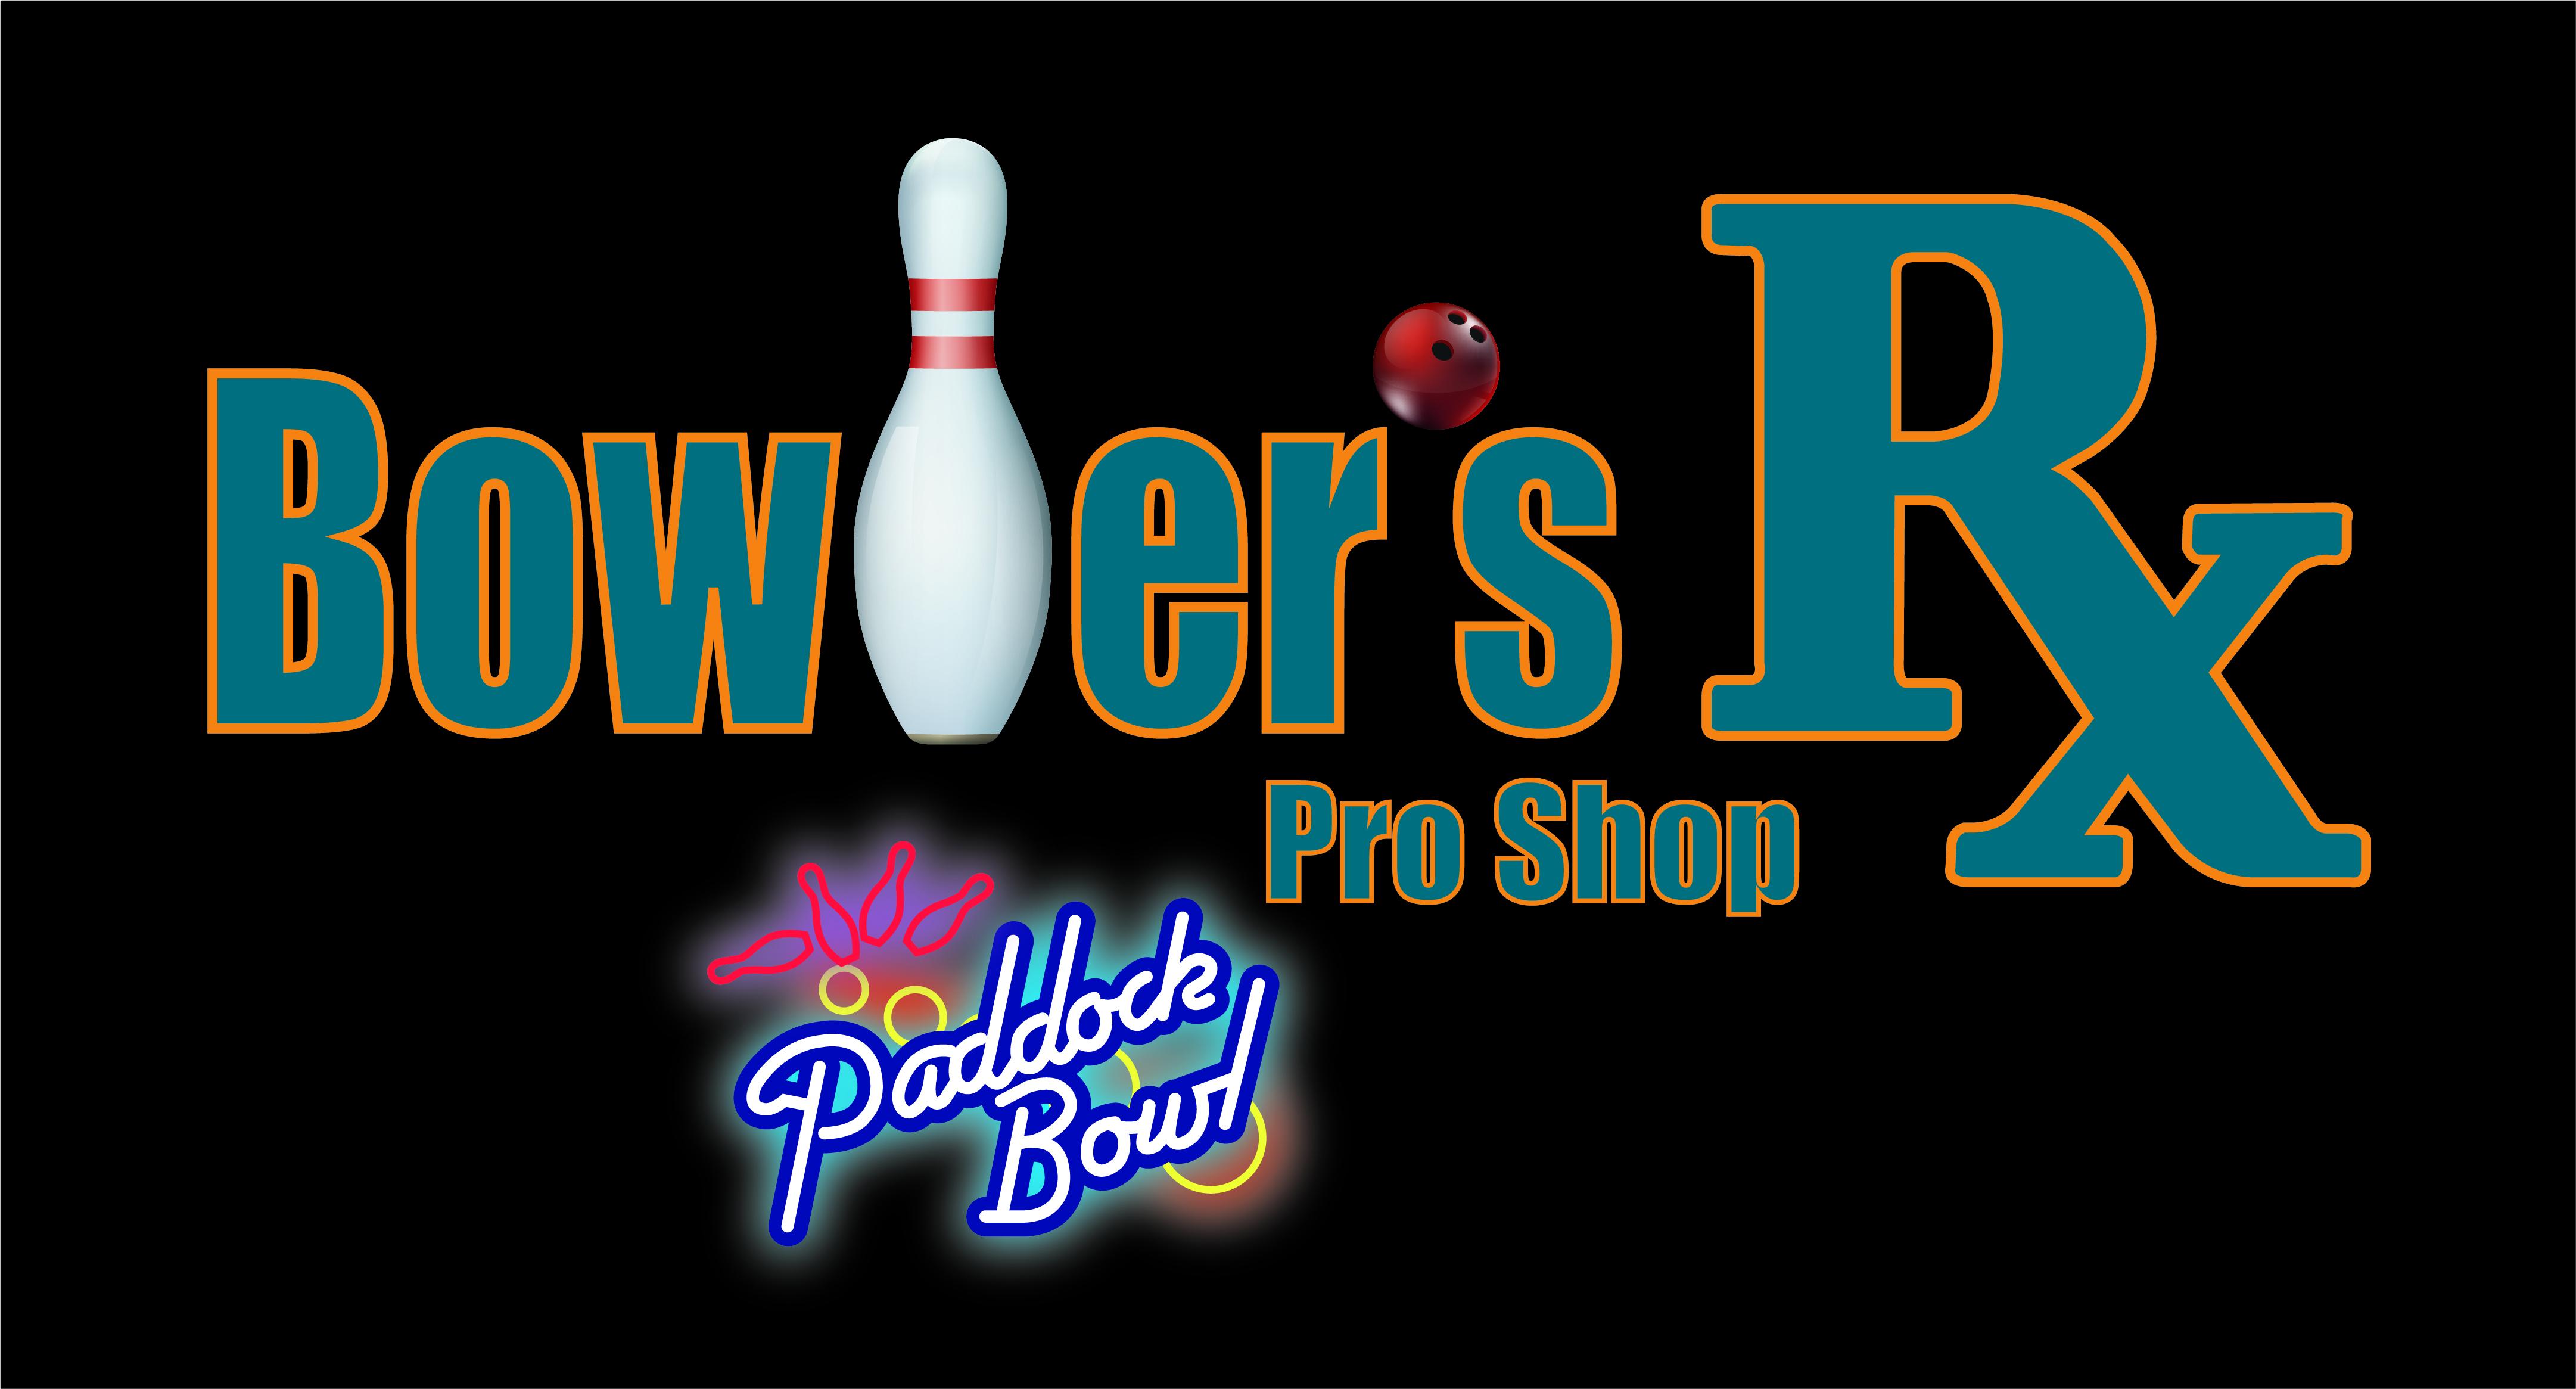 Bowlers Rx_PB_Web_v2.0.jpg